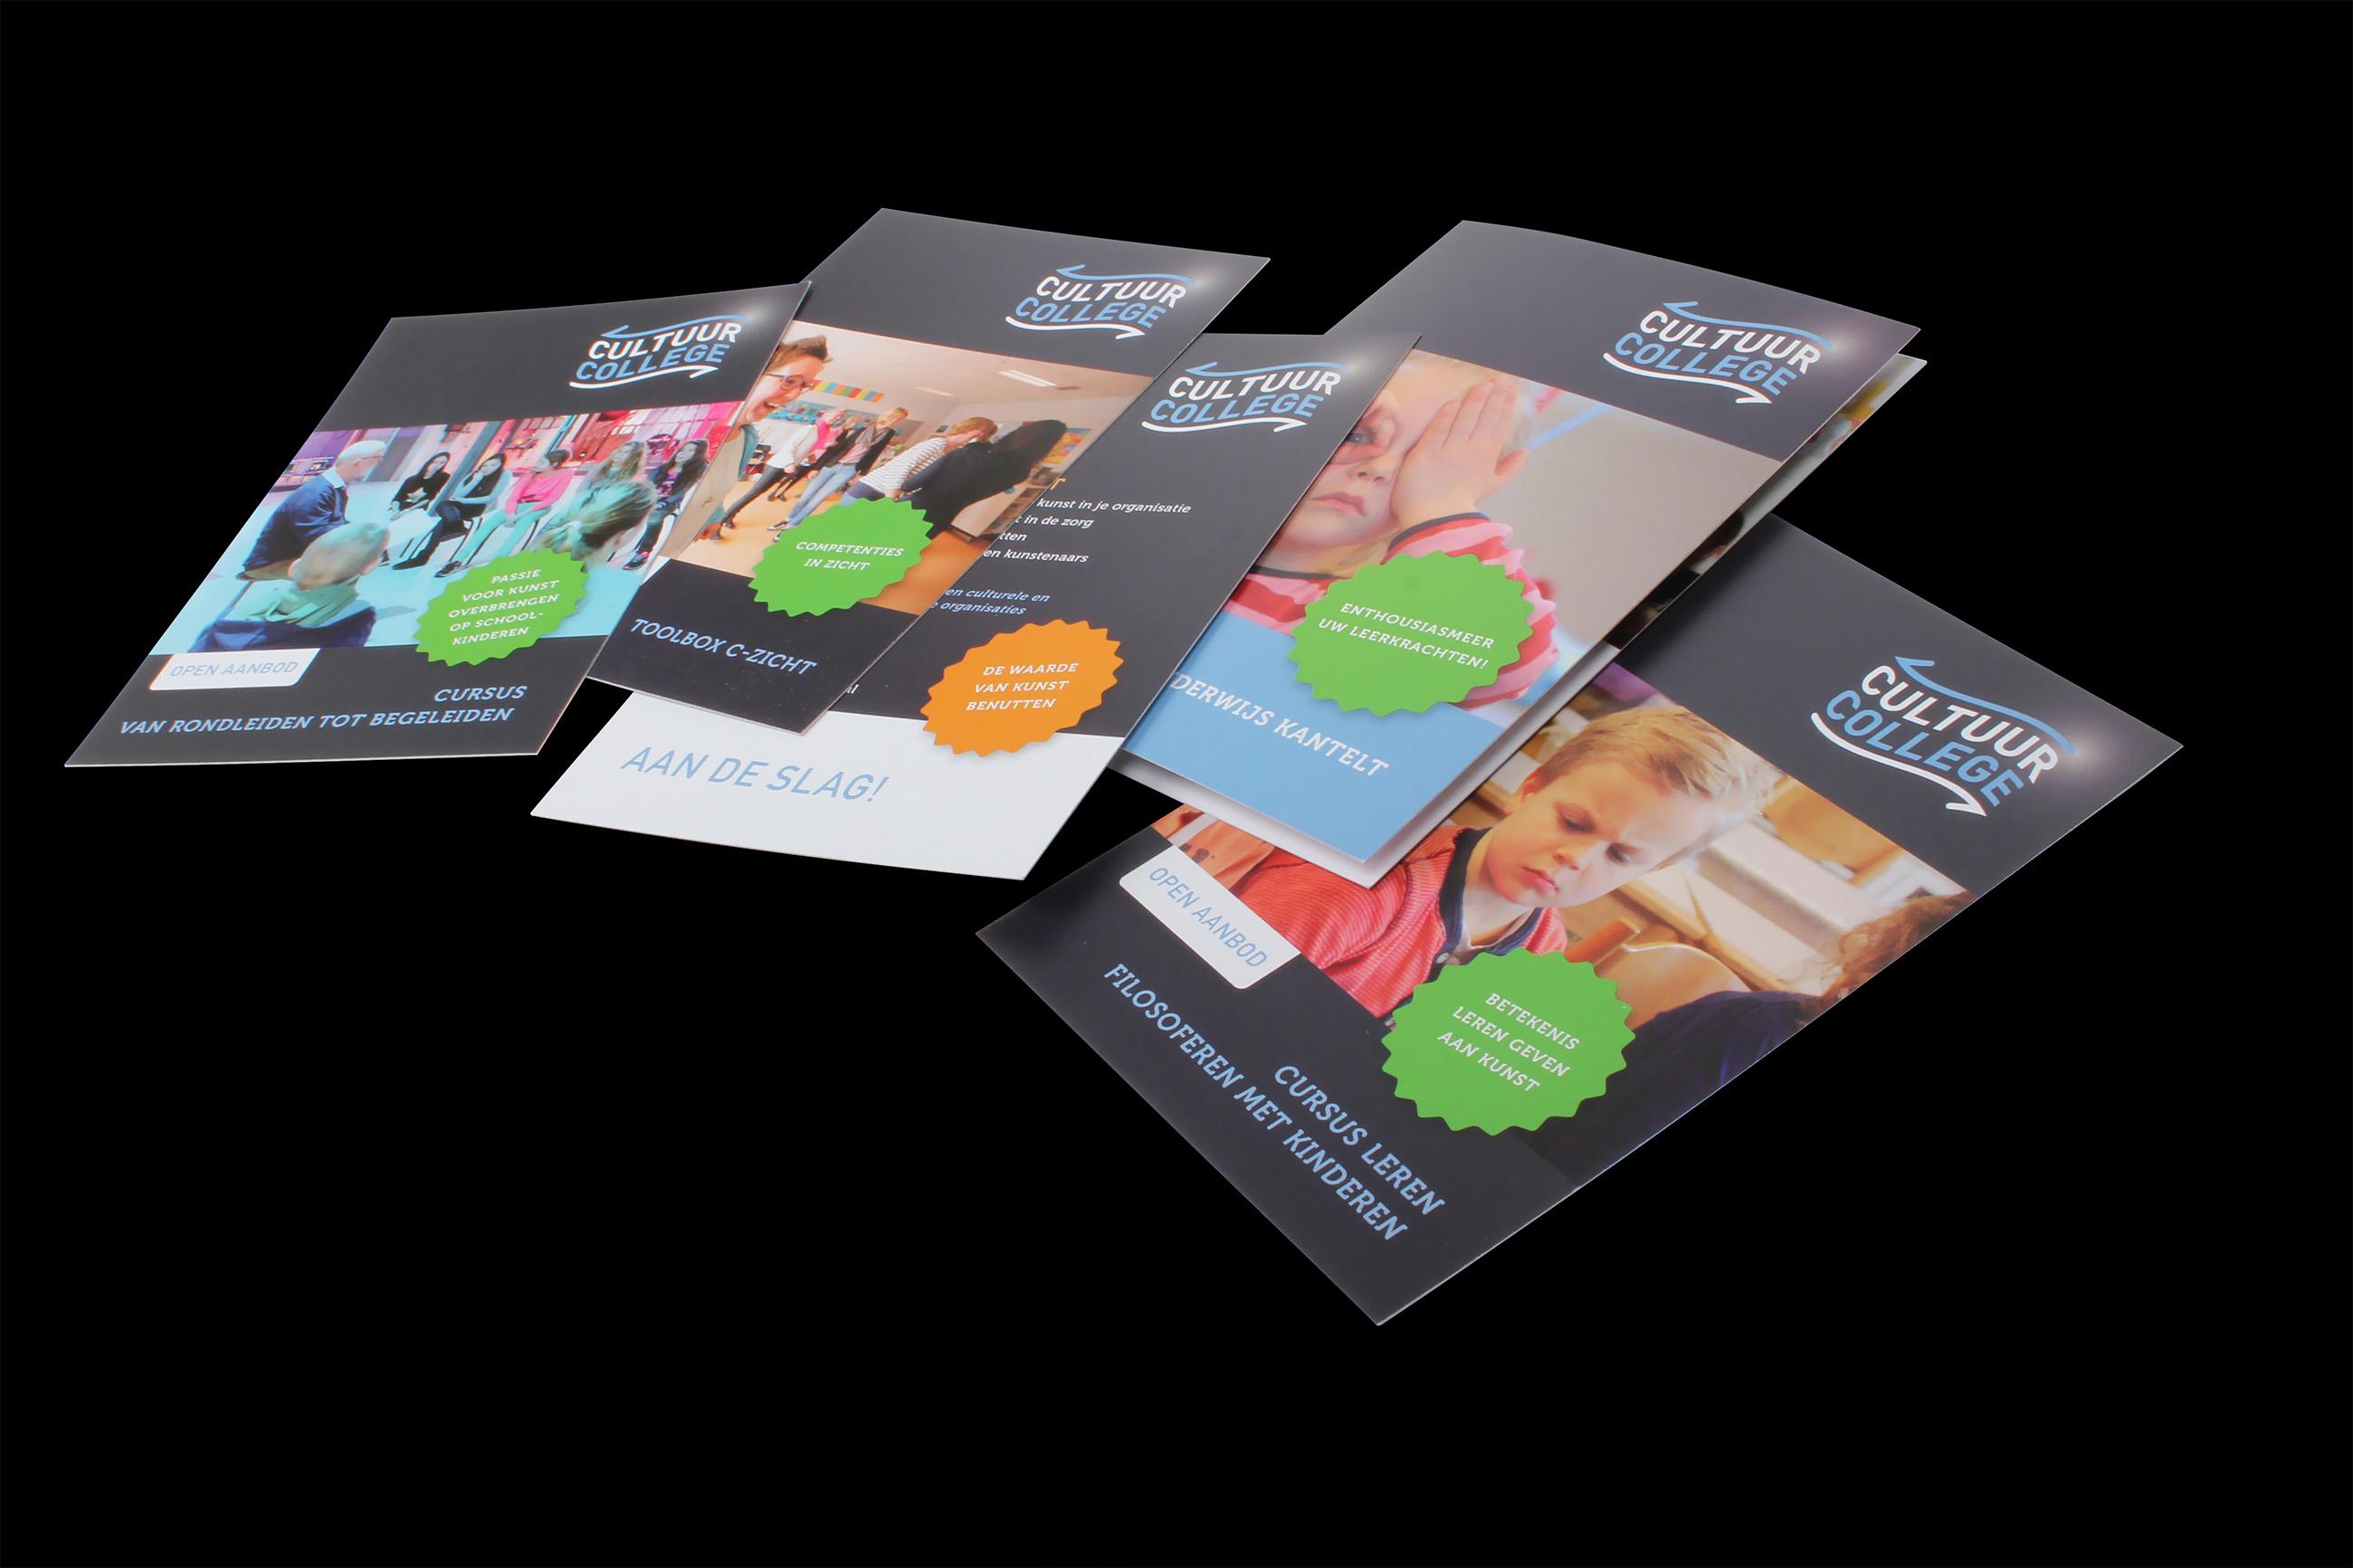 Folders en productkaarten van CultuurCollege, ontwerp Neo & Co